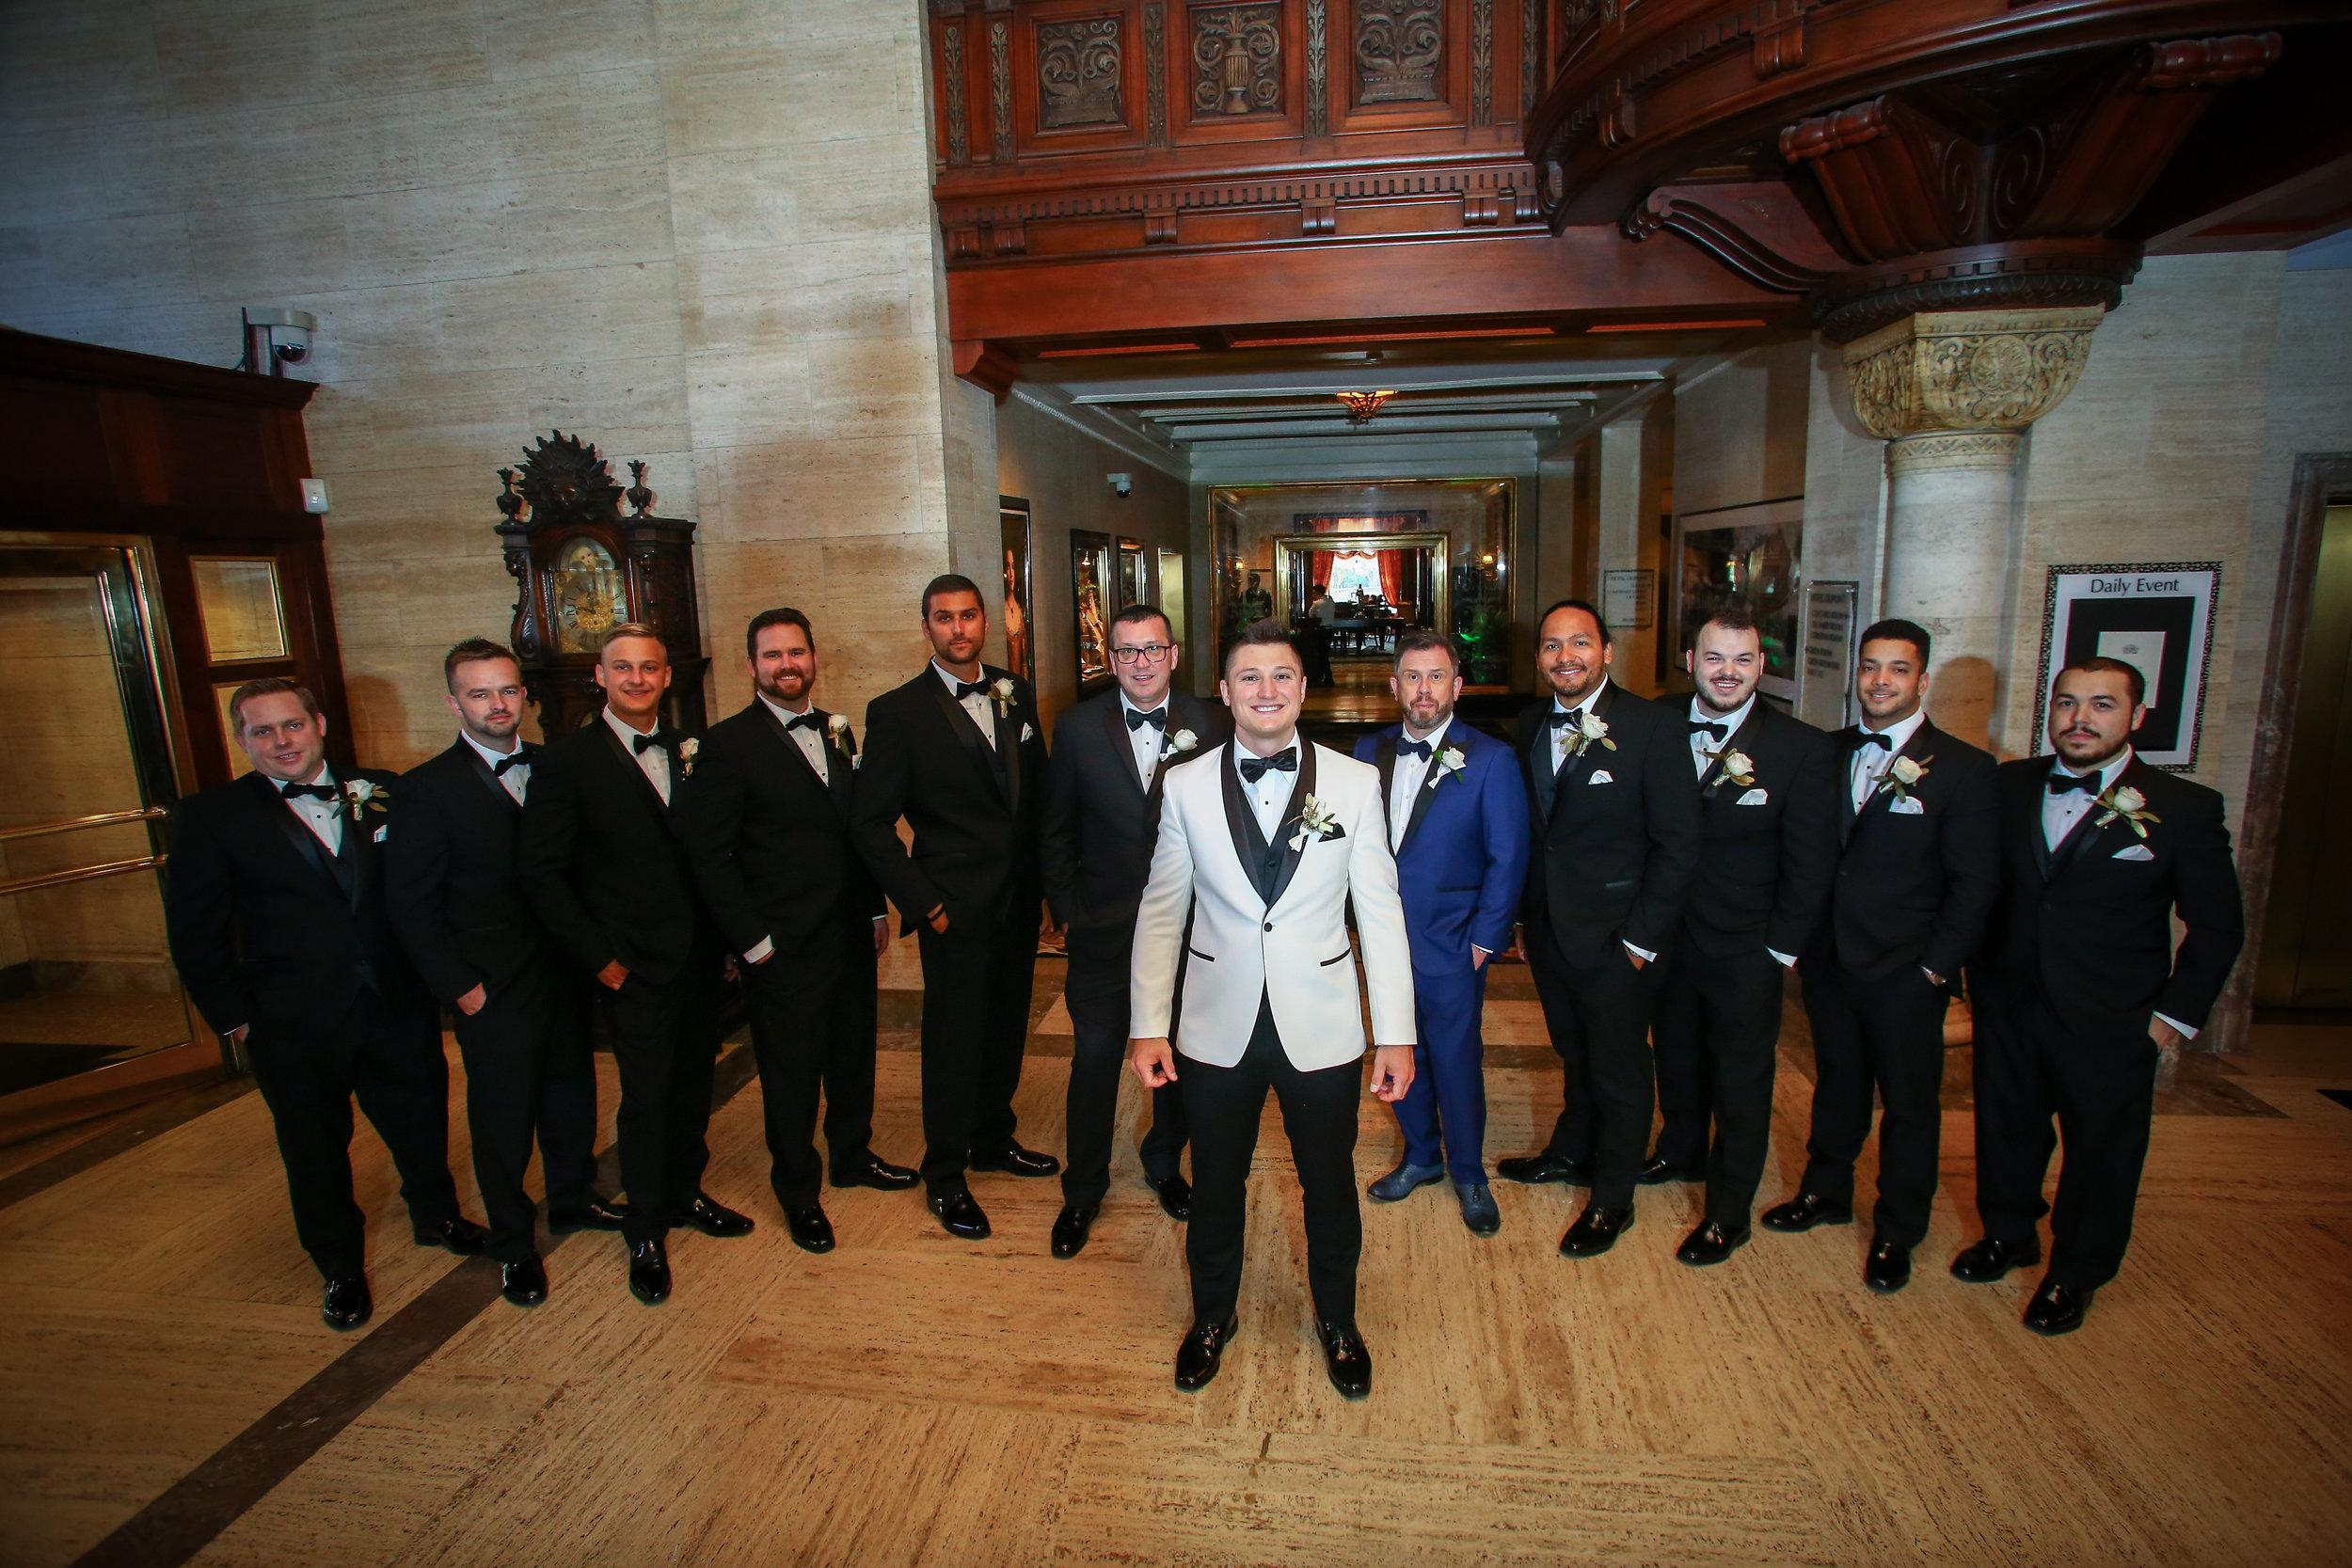 groom and groomsmen wearing slim fit tuxedos